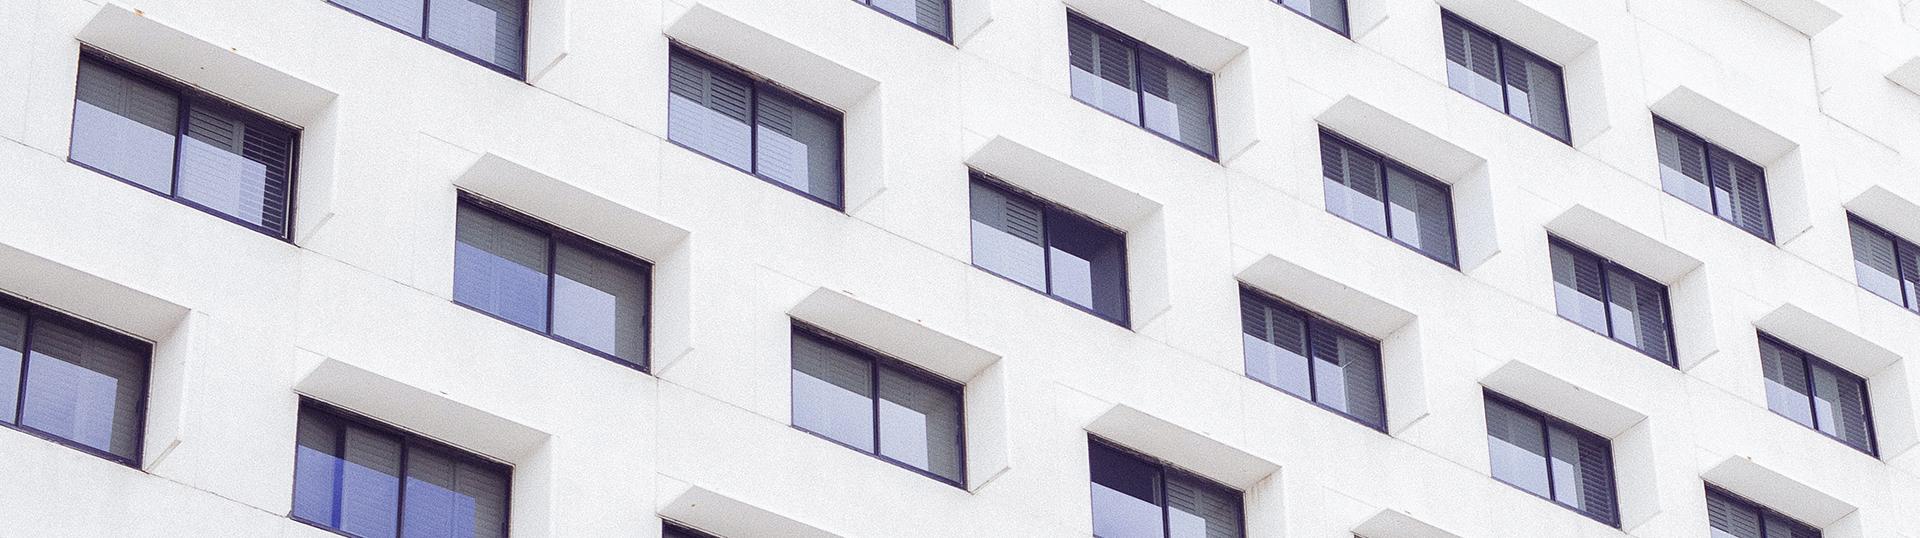 Inteligentne obiekty w konstrukcjach i architekturze – SmartParts